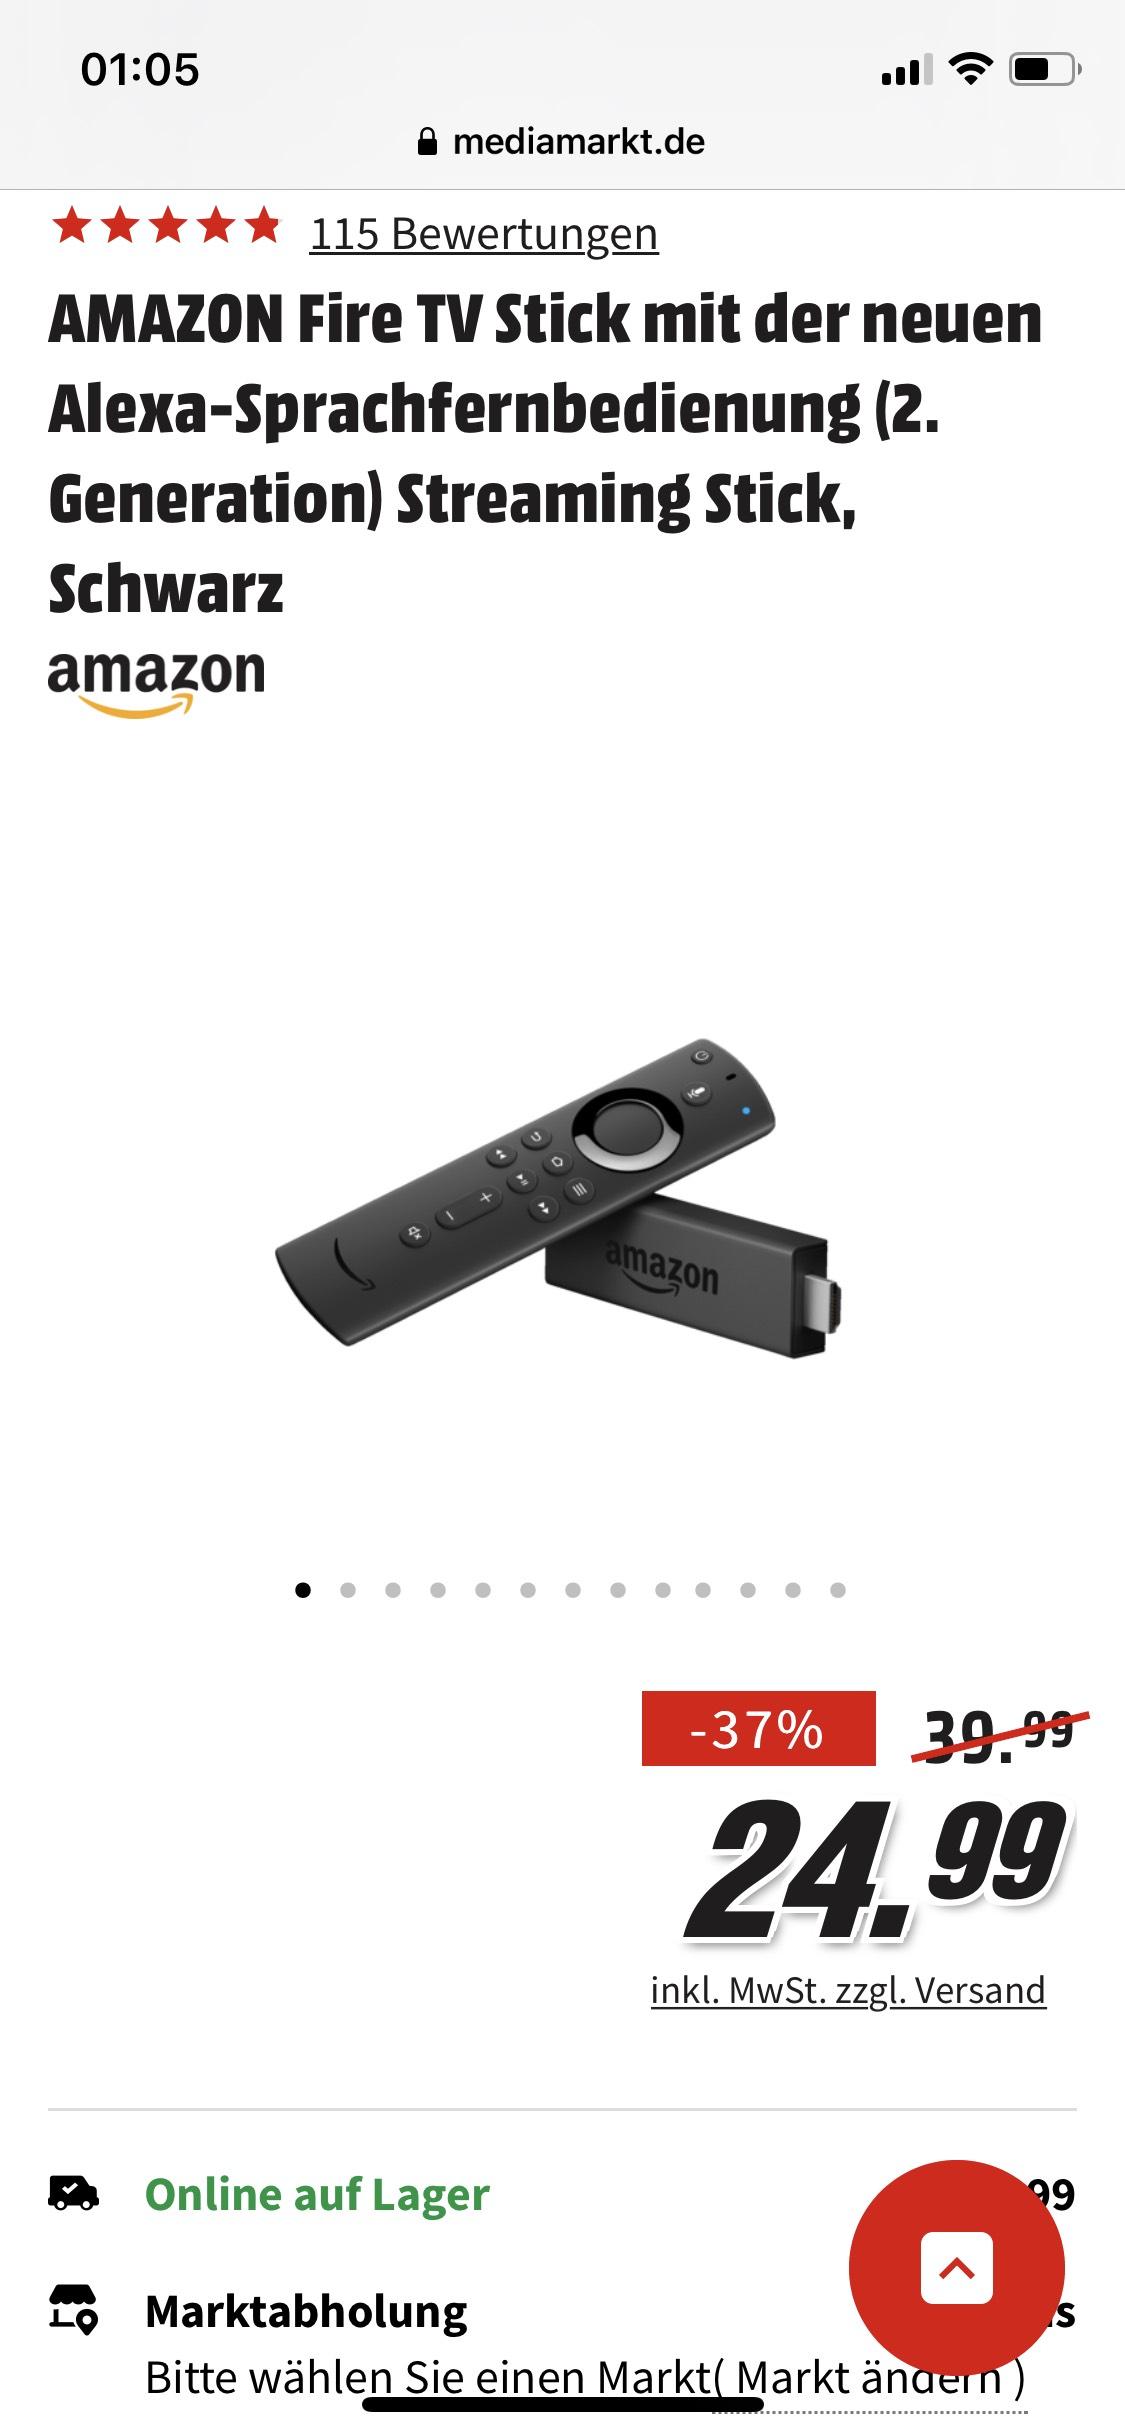 AMAZON Fire TV Stick mit der neuen Alexa-Sprachfernbedienung (2. Generation) Streaming Stick, Schwarz